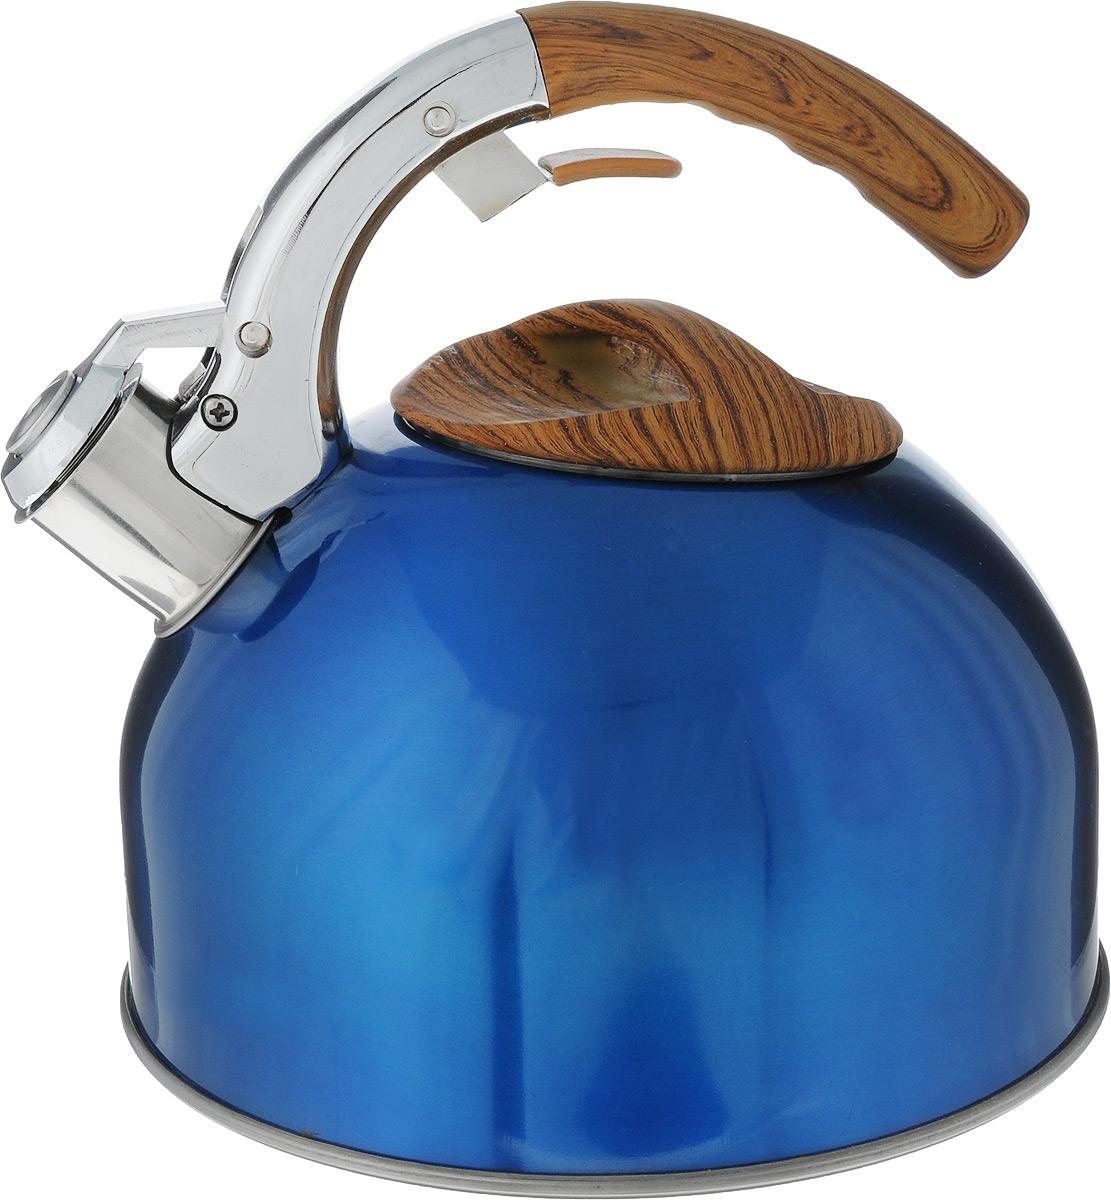 Чайник Marta, со свистком, цвет: синий, 3 л. MT-3040MT-3040Чайник Marta выполнен из высококачественной нержавеющей стали и оснащен ненагревающейся открытой ручкой с силиконовым покрытием. Теплоемкое трехслойное капсульное дно обеспечивает быстрый нагрев чайника и равномерно распределяет тепло по его корпусу. Кипячение воды занимает меньше времени, а вода дольше остается горячей. Свисток на носике чайника - привычный элемент комфорта и безопасности. Своевременный сигнал о готовности кипятка сэкономит время и электроэнергию, вода никогда не выкипит полностью, а чайник прослужит очень долго. Оригинальный механизм поднятия свистка добавляет чайнику индивидуальности - при поднятии чайника за ручку свисток автоматически открывает носик для удобства наливания кипятка в чашку. Чайник подходит для всех видов плит, кроме индукционных.